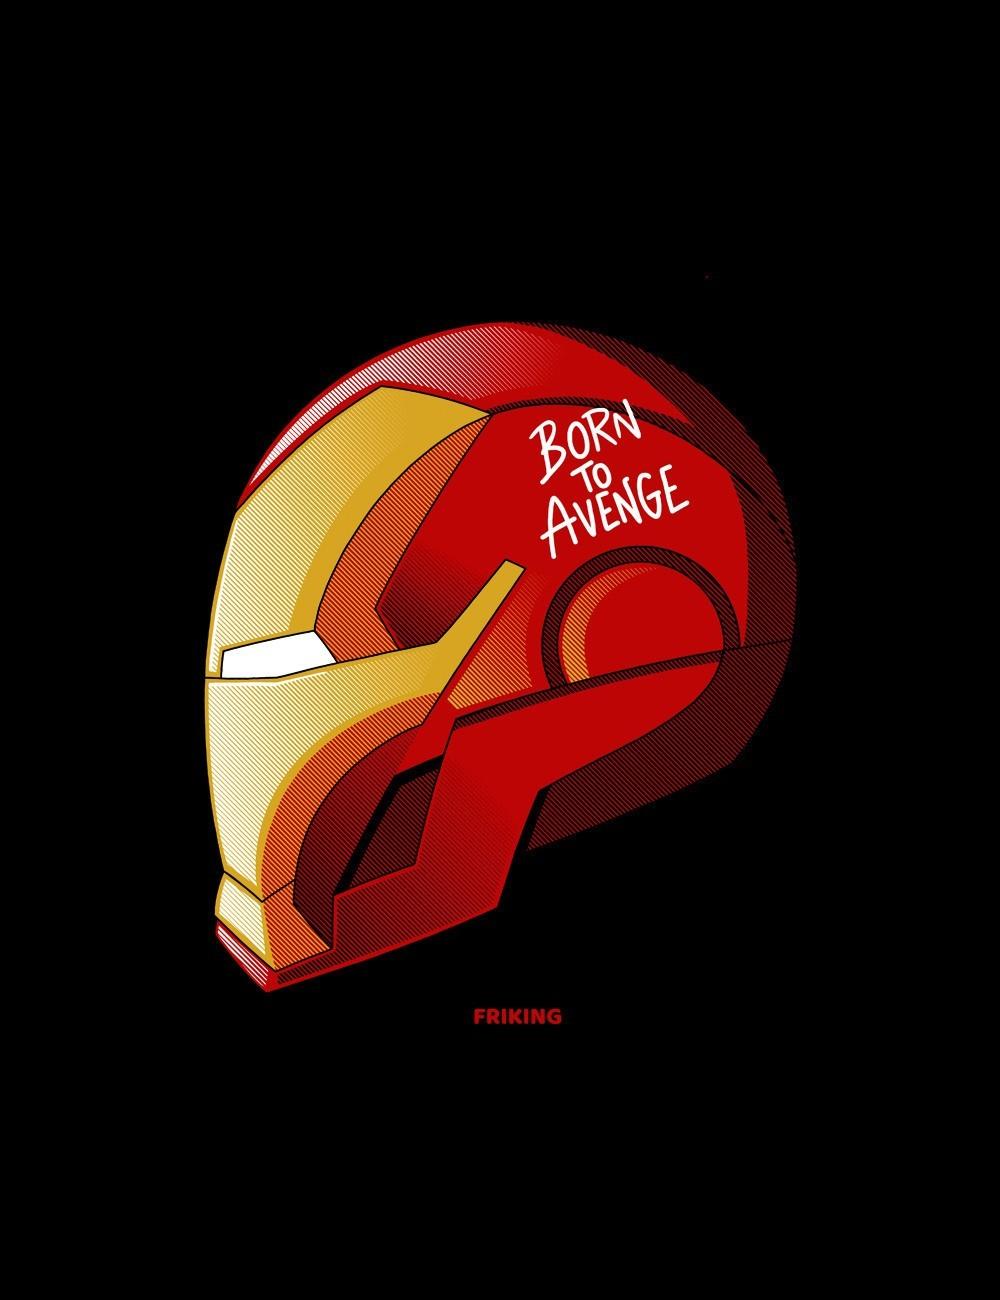 Born to avenge